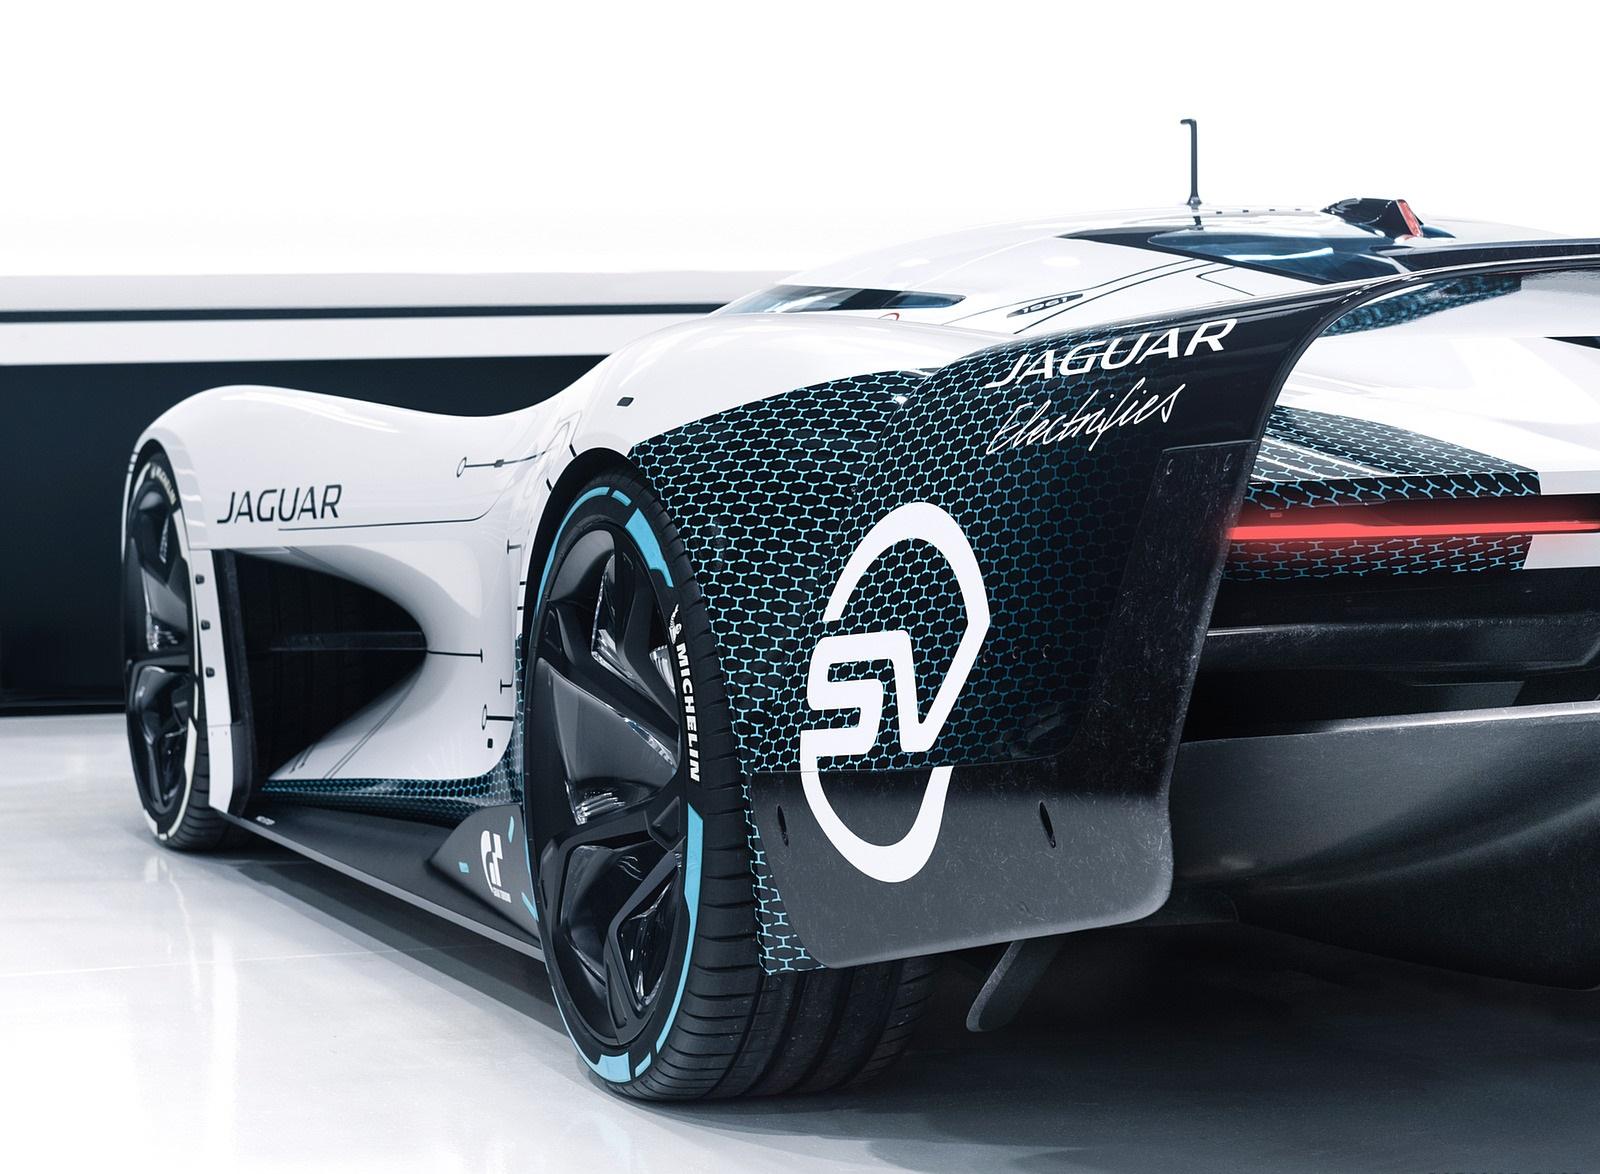 2020 Jaguar Vision Gran Turismo SV Detail Wallpapers (9)